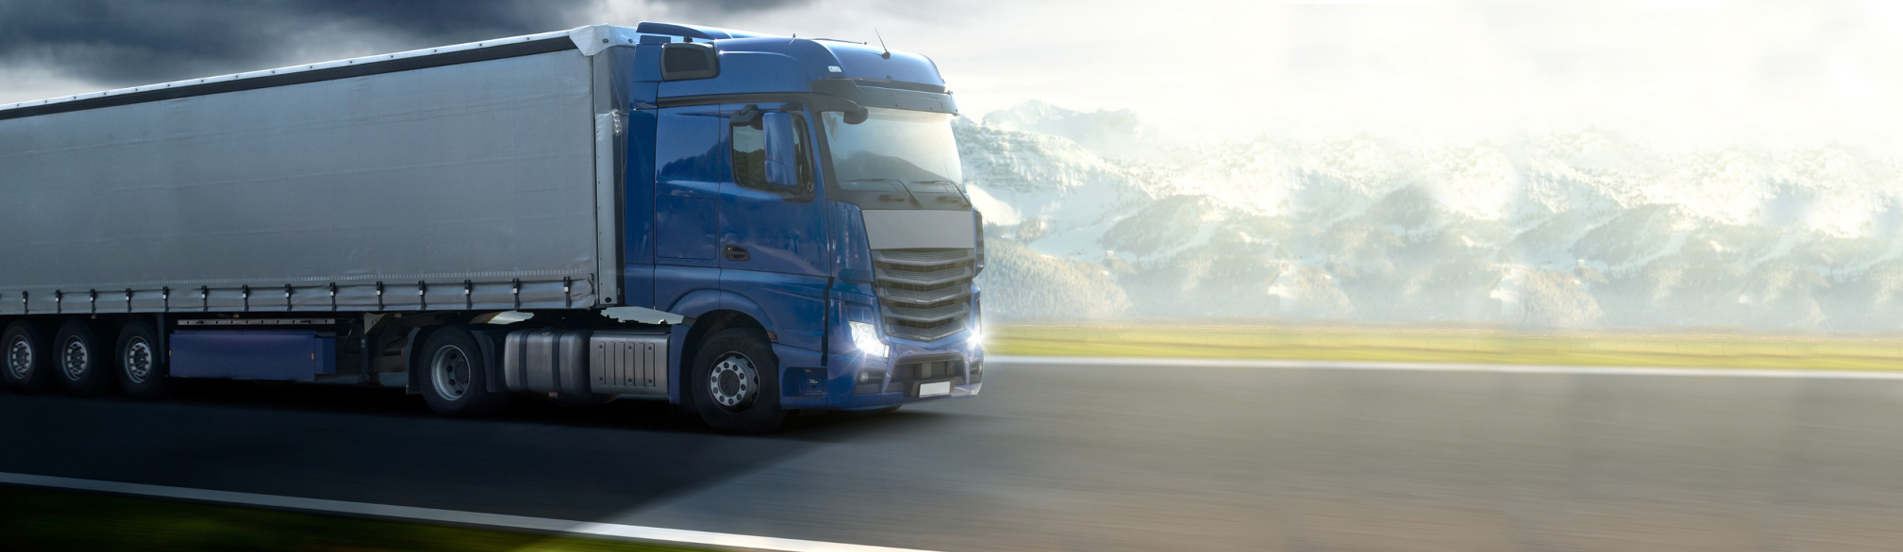 die Dieselöl-Verbrauchsteuer für Straßen-Gütertransport erstatten